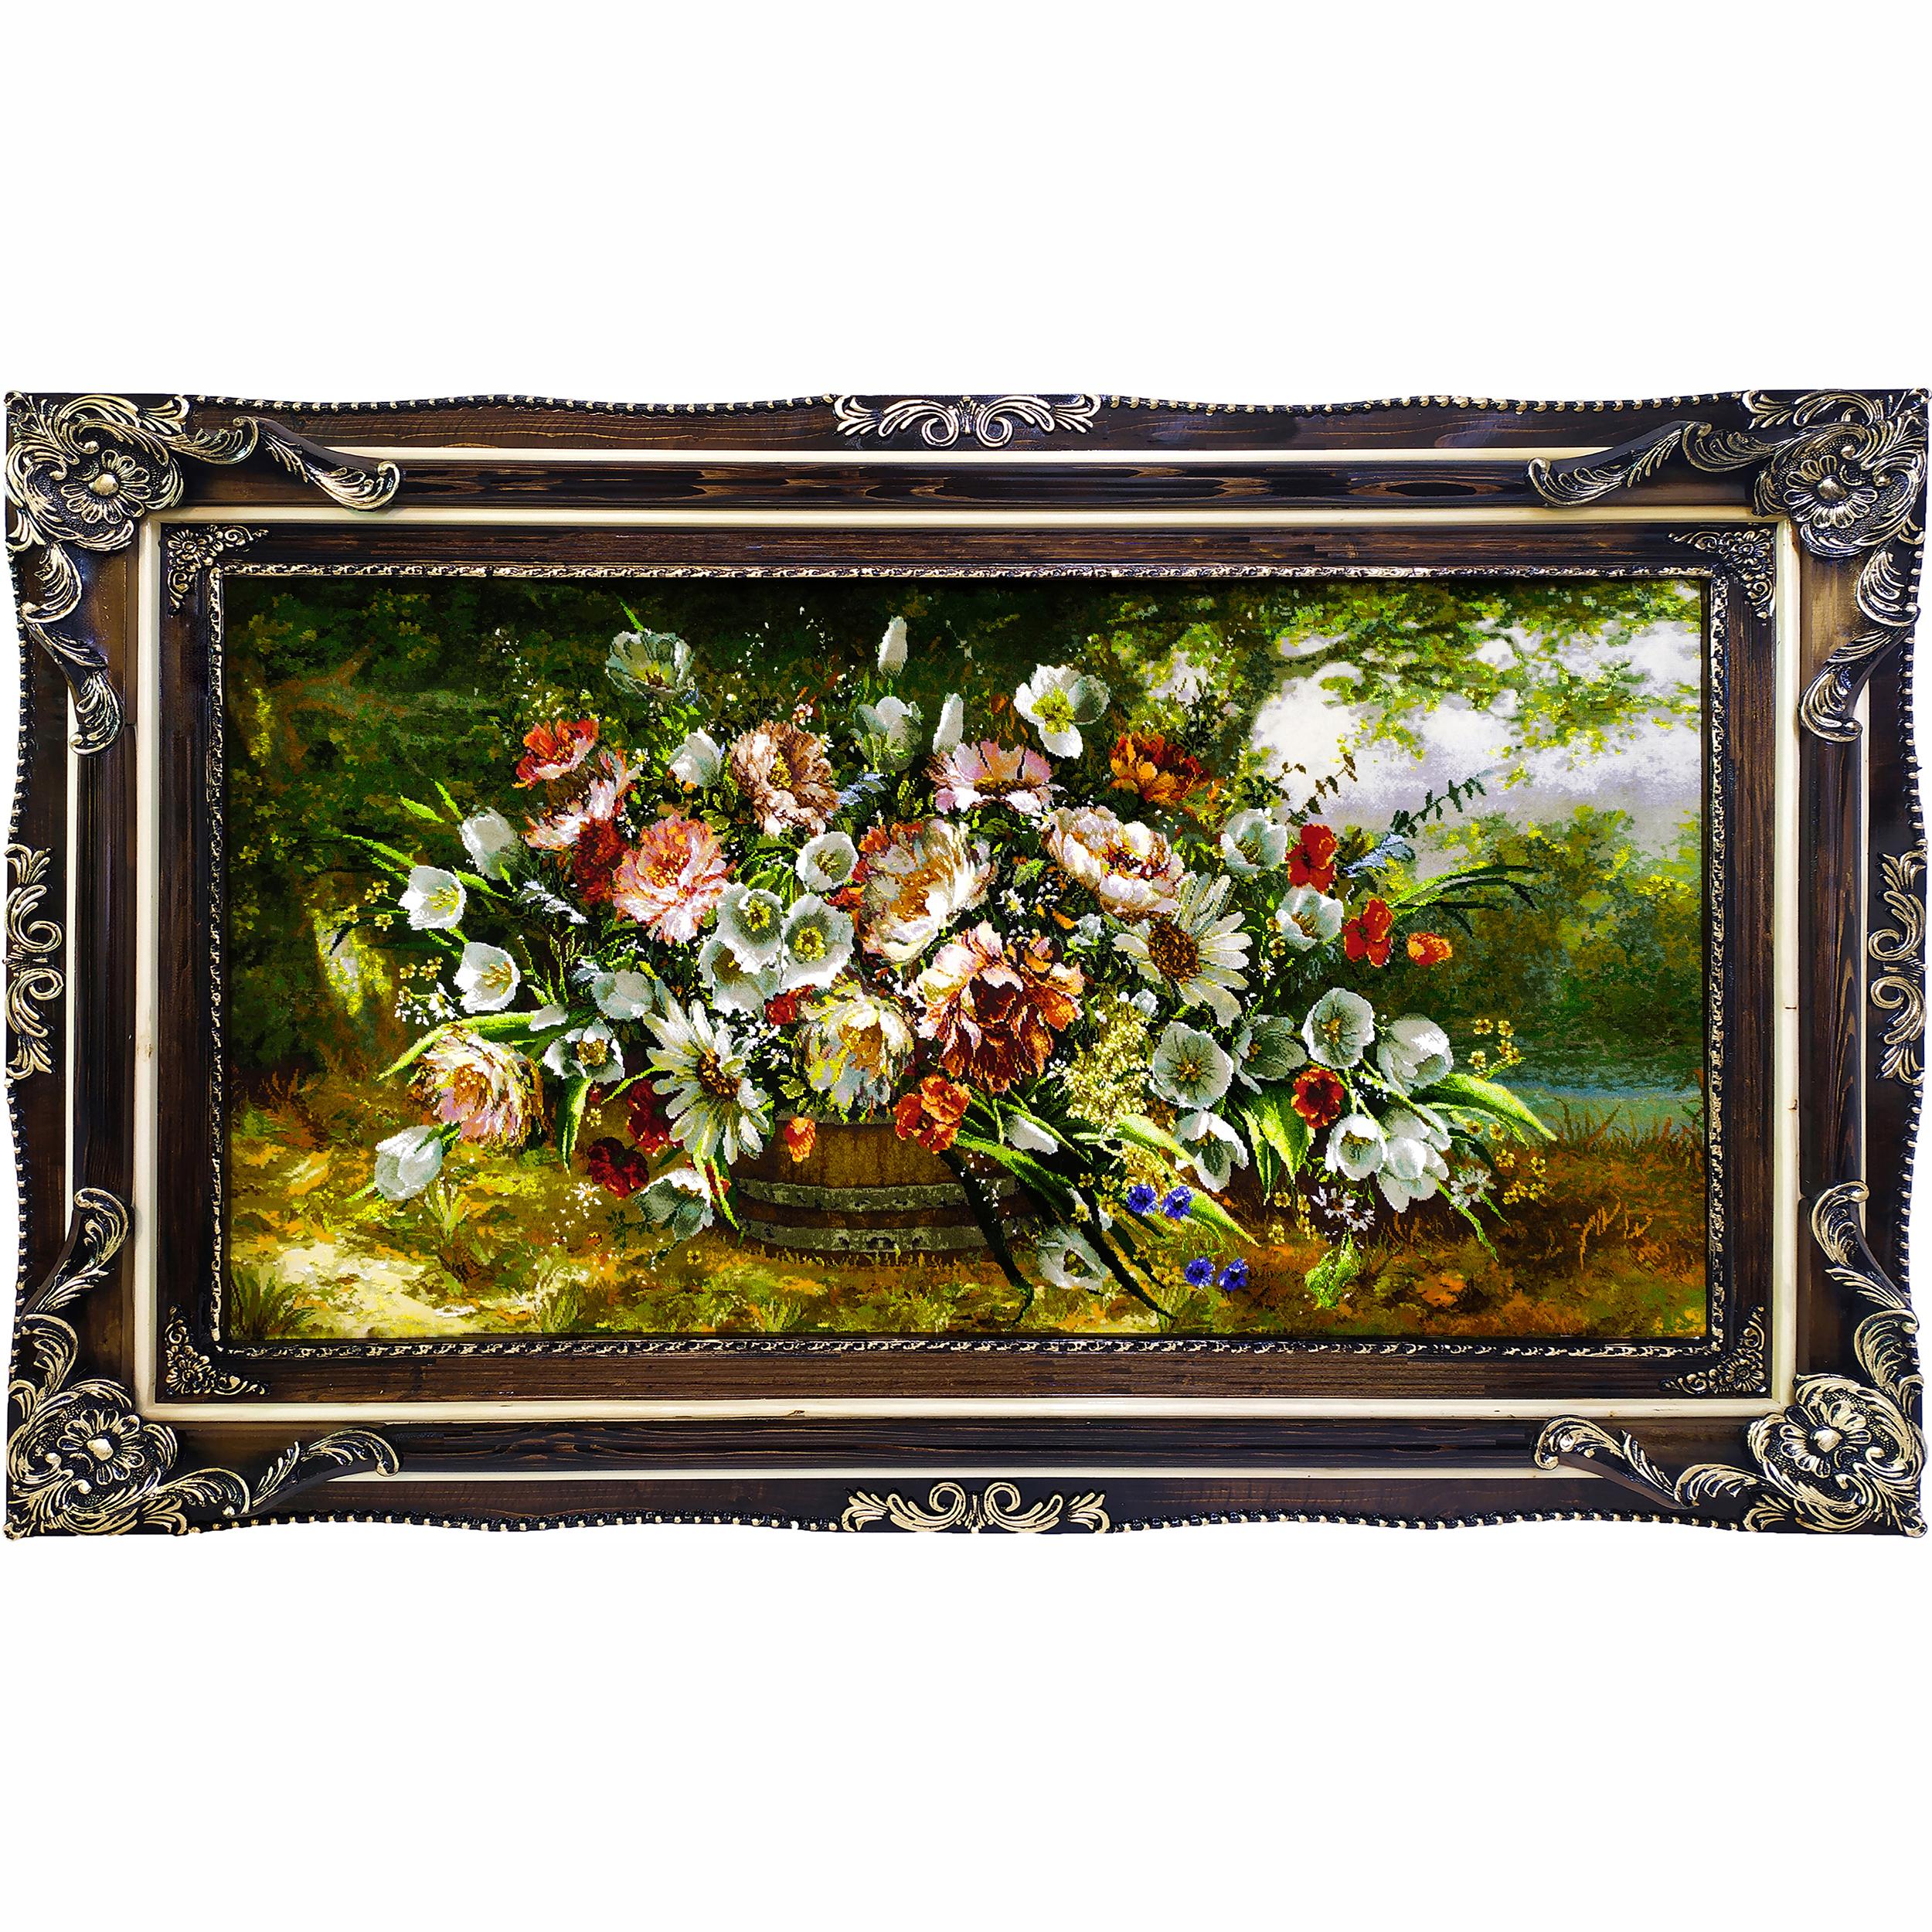 تابلو فرش دستبافت طرح گل و گلدان کد 1579